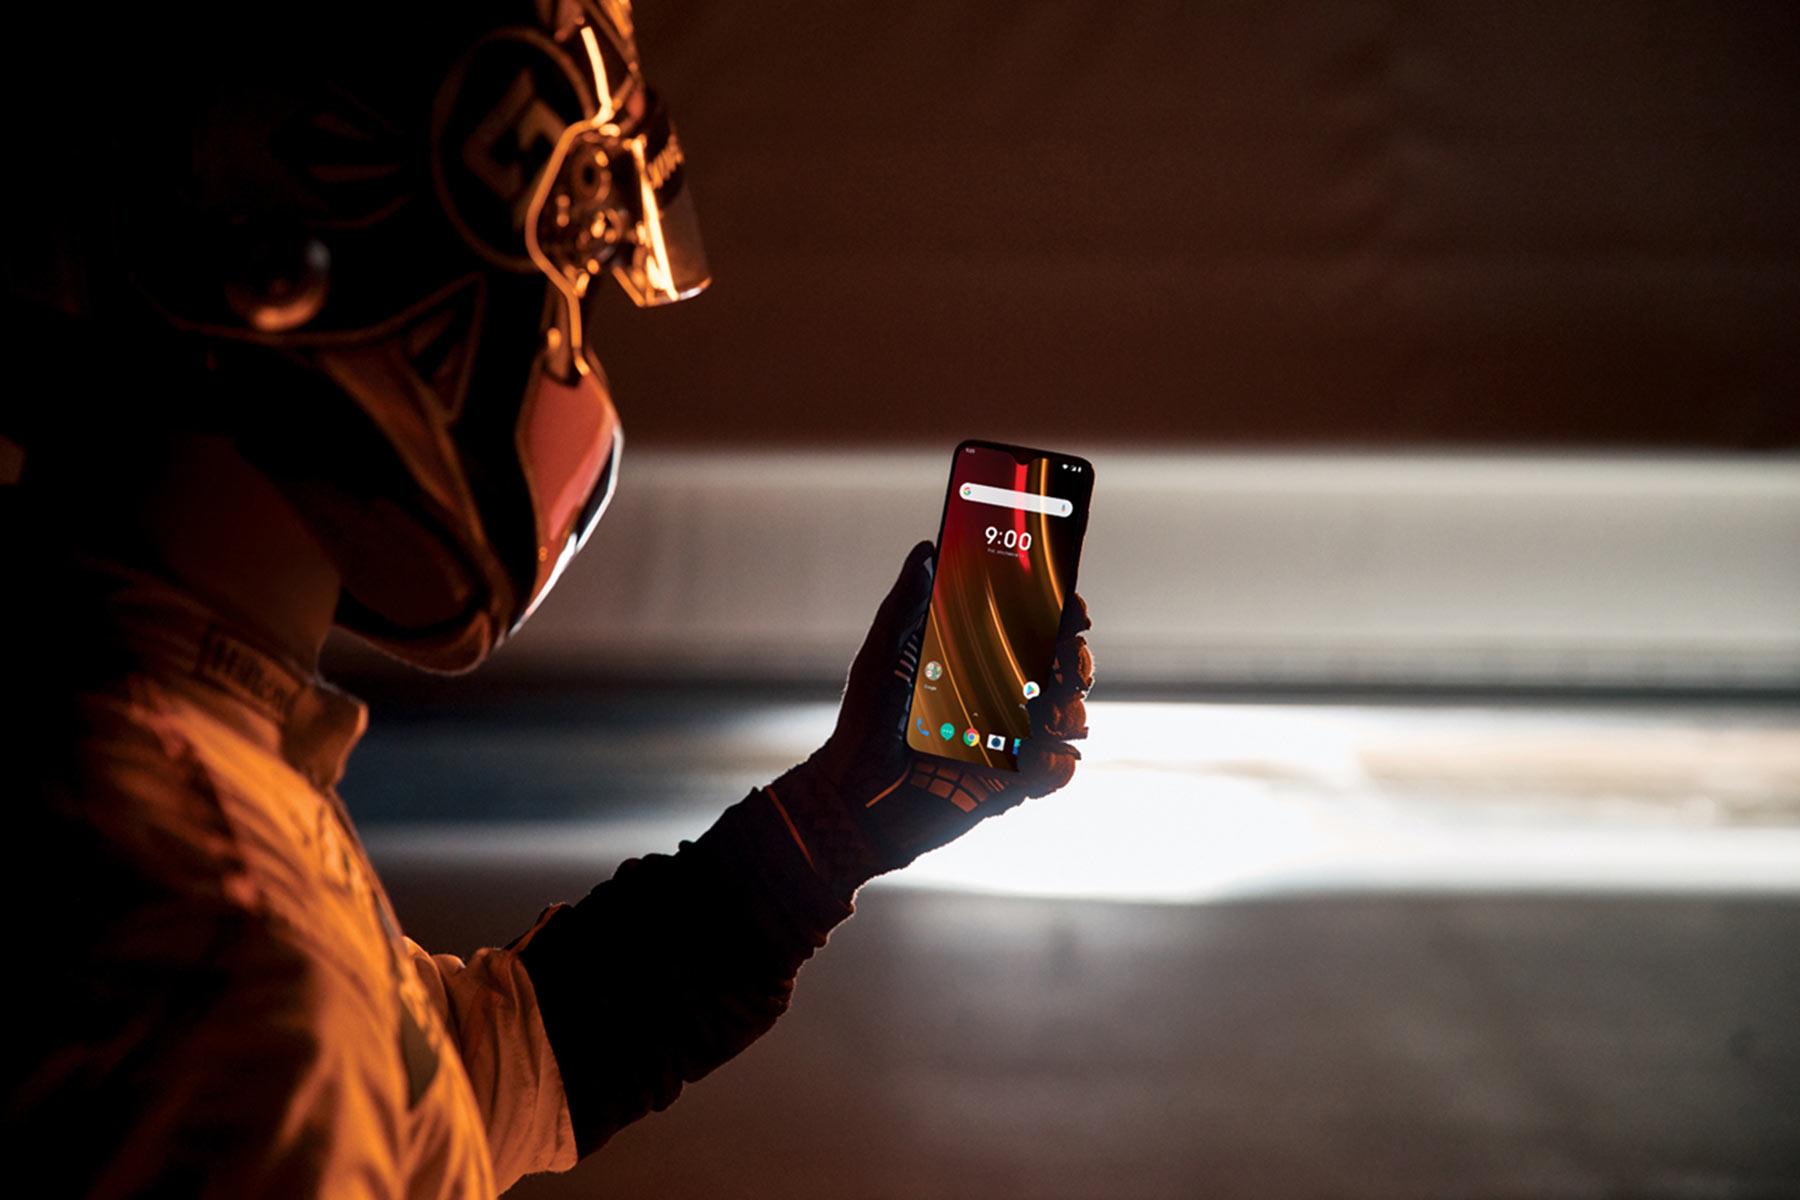 6T McLaren Edition Smartphone